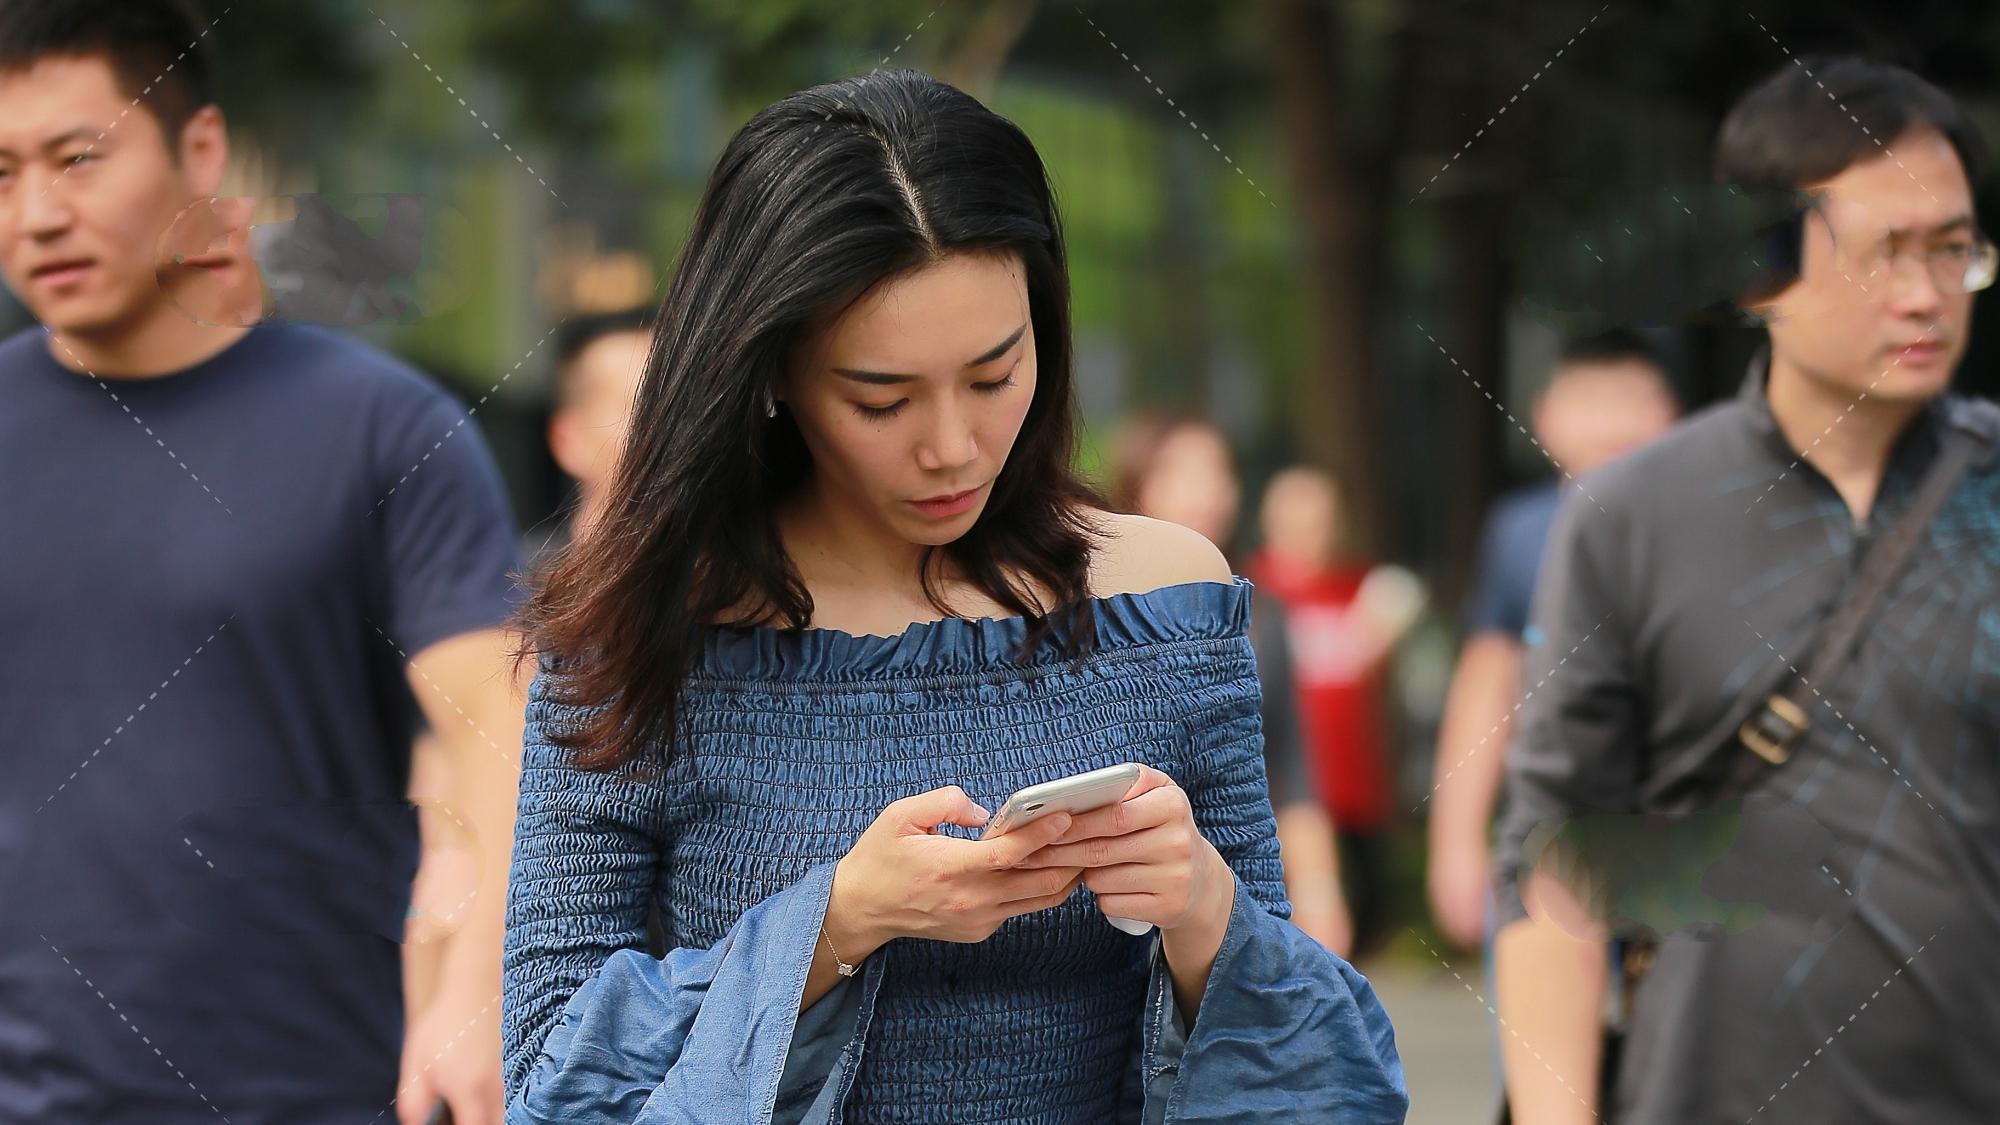 蓝色花边一字肩开阔袖上衣和白色破洞牛仔裤,色彩鲜明的清凉夏装